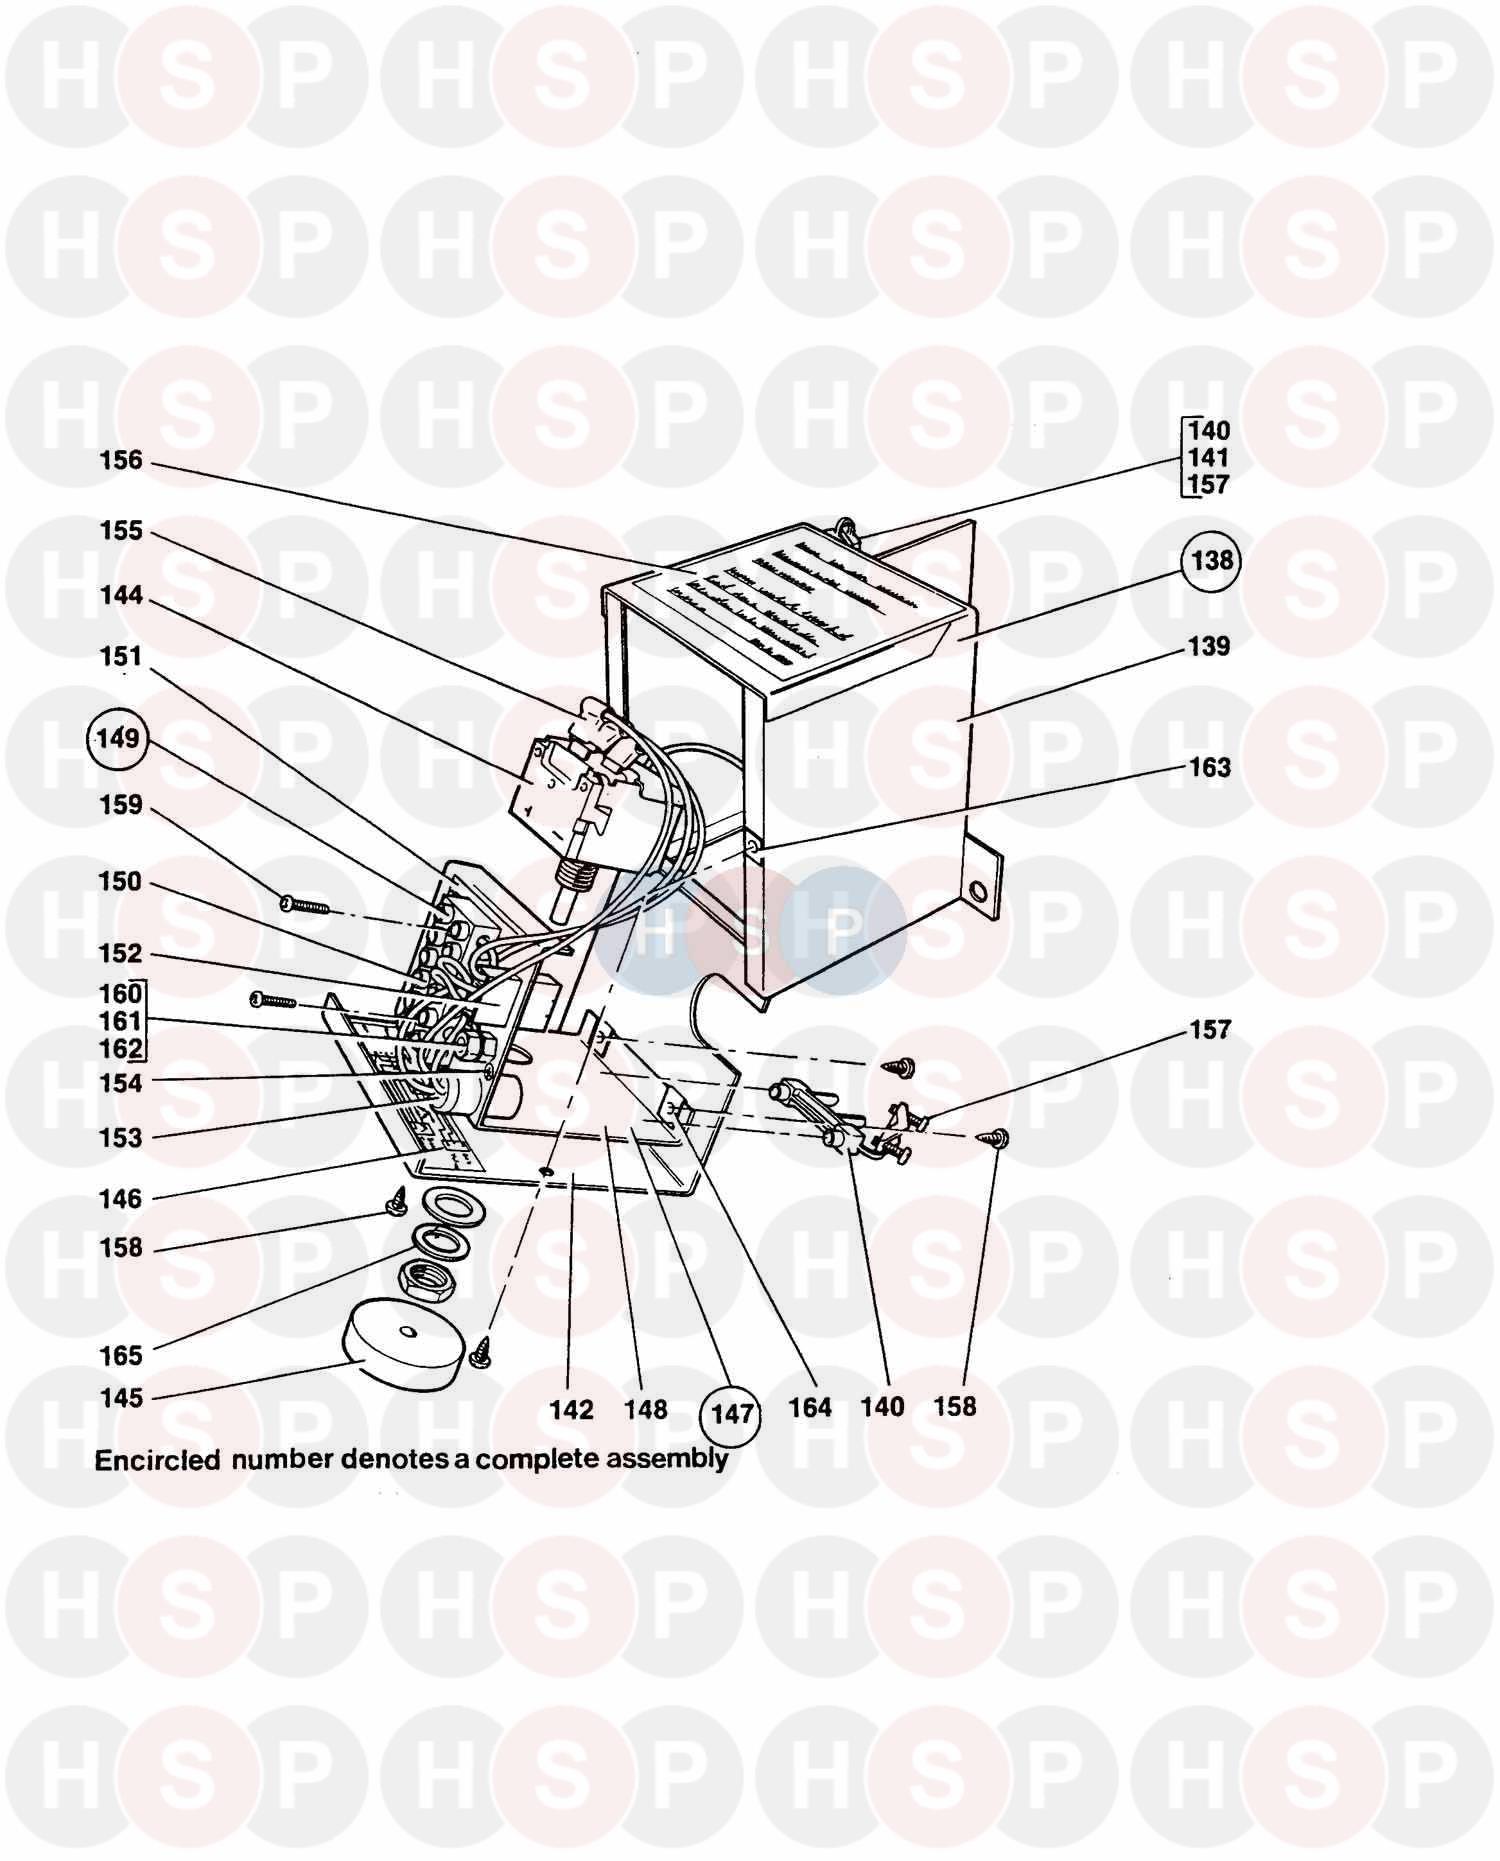 Myson MARATHON (LATER) 700C 1997 (Uncased Boiler Control